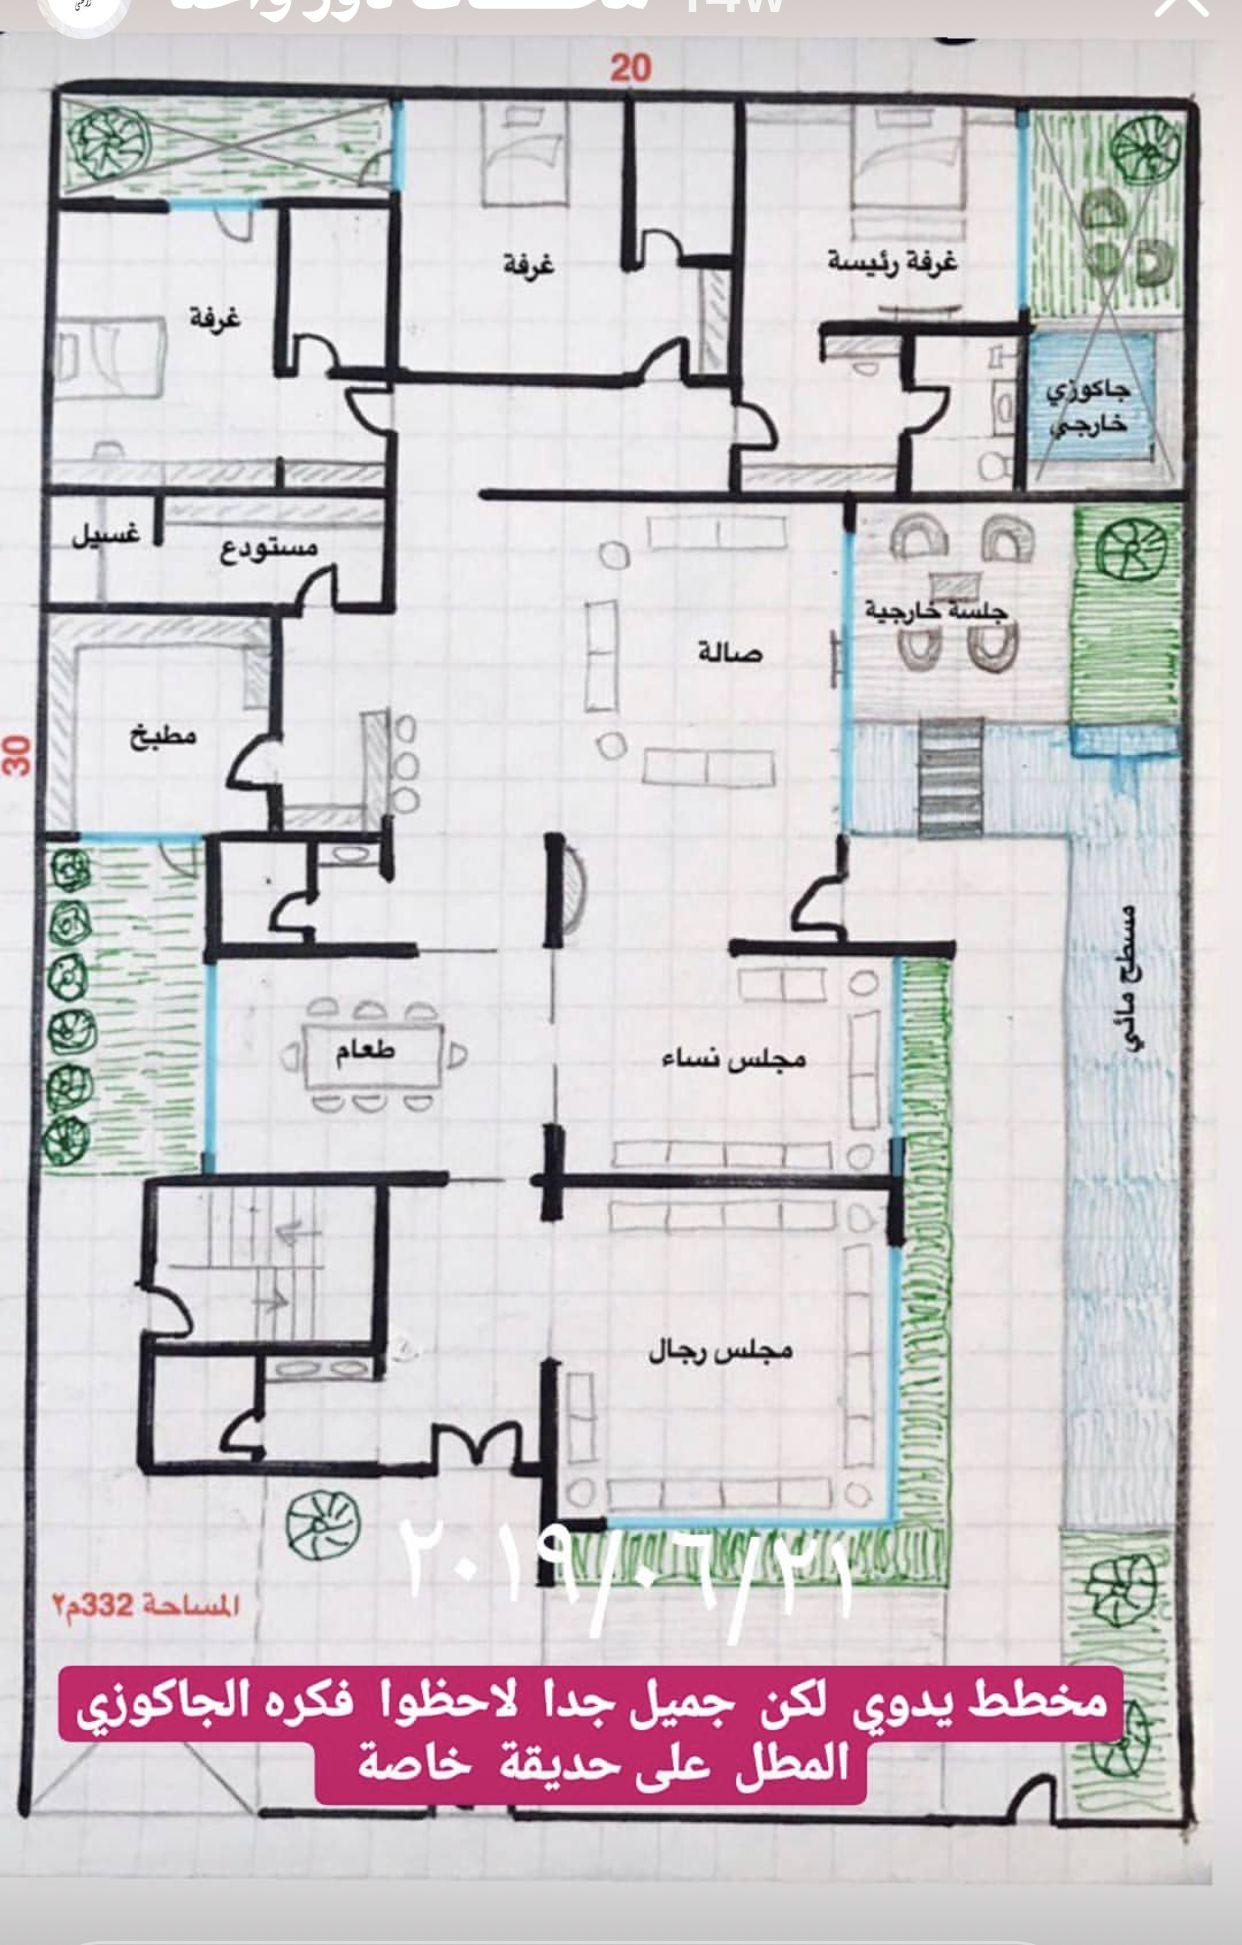 تصاميم معمارية مخطط دور واحد Family House Plans Free House Plans Sims House Plans